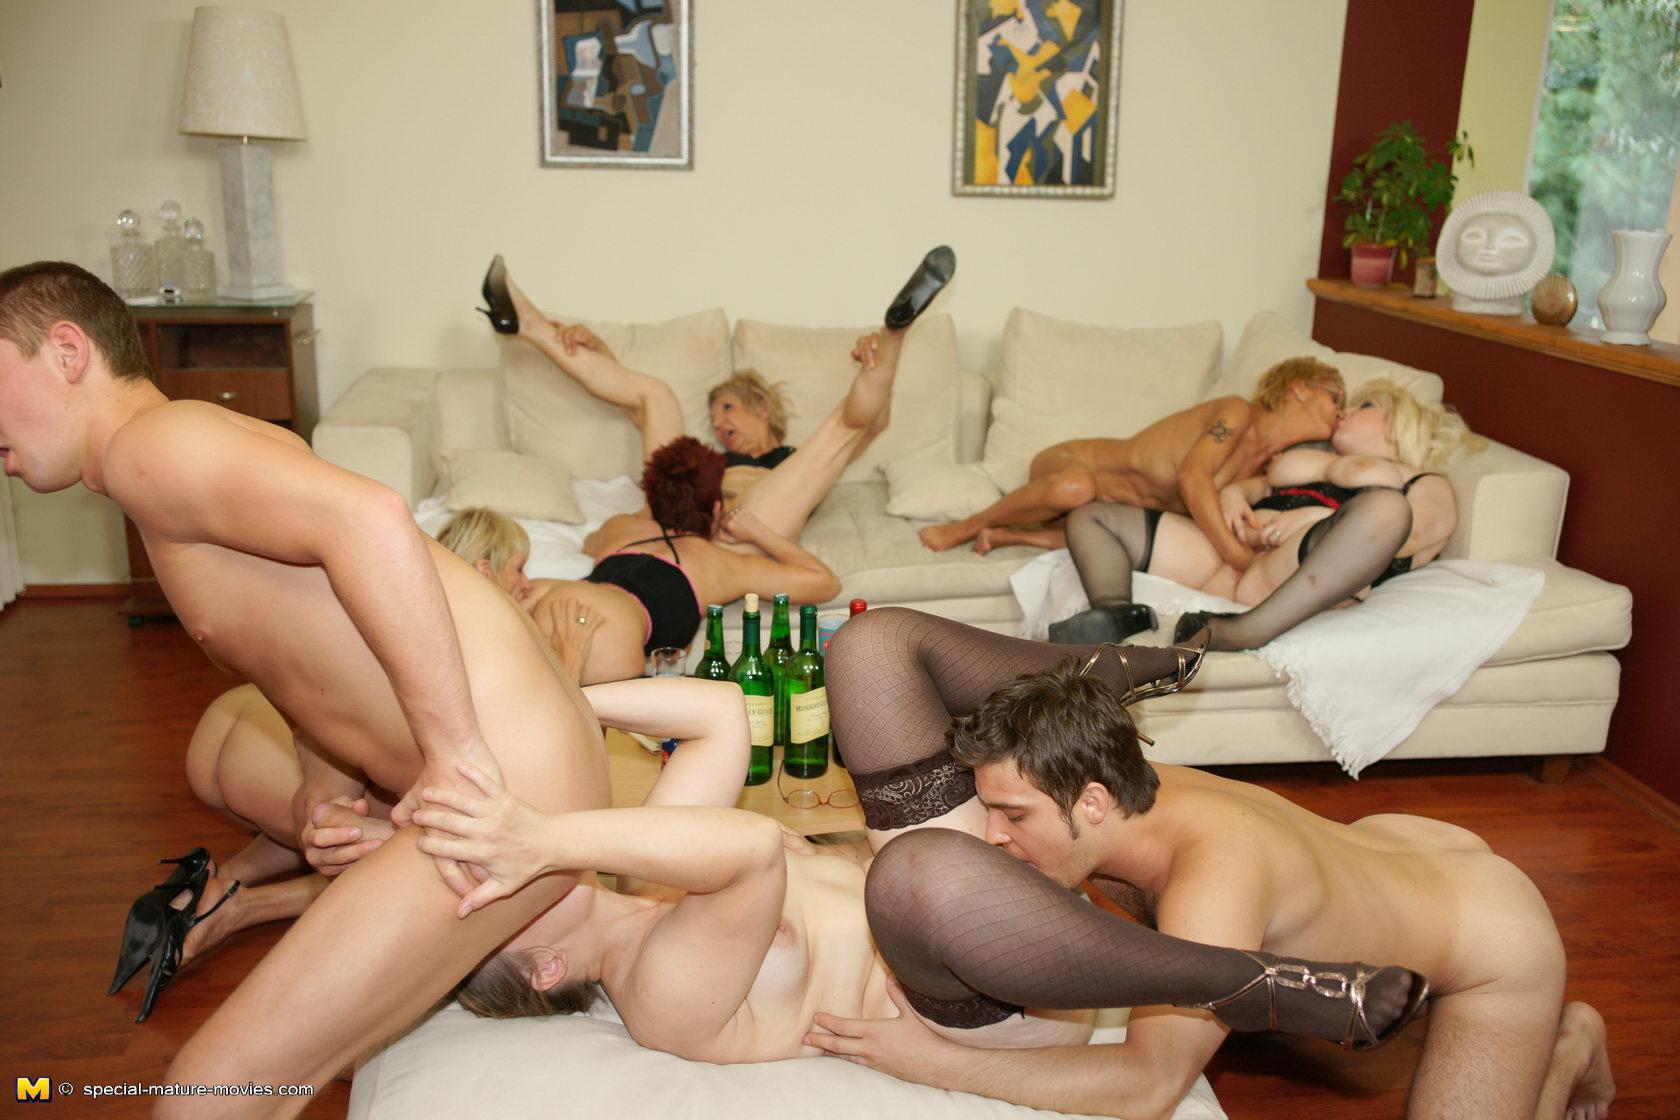 Руское зрелое груповое порно 13 фотография